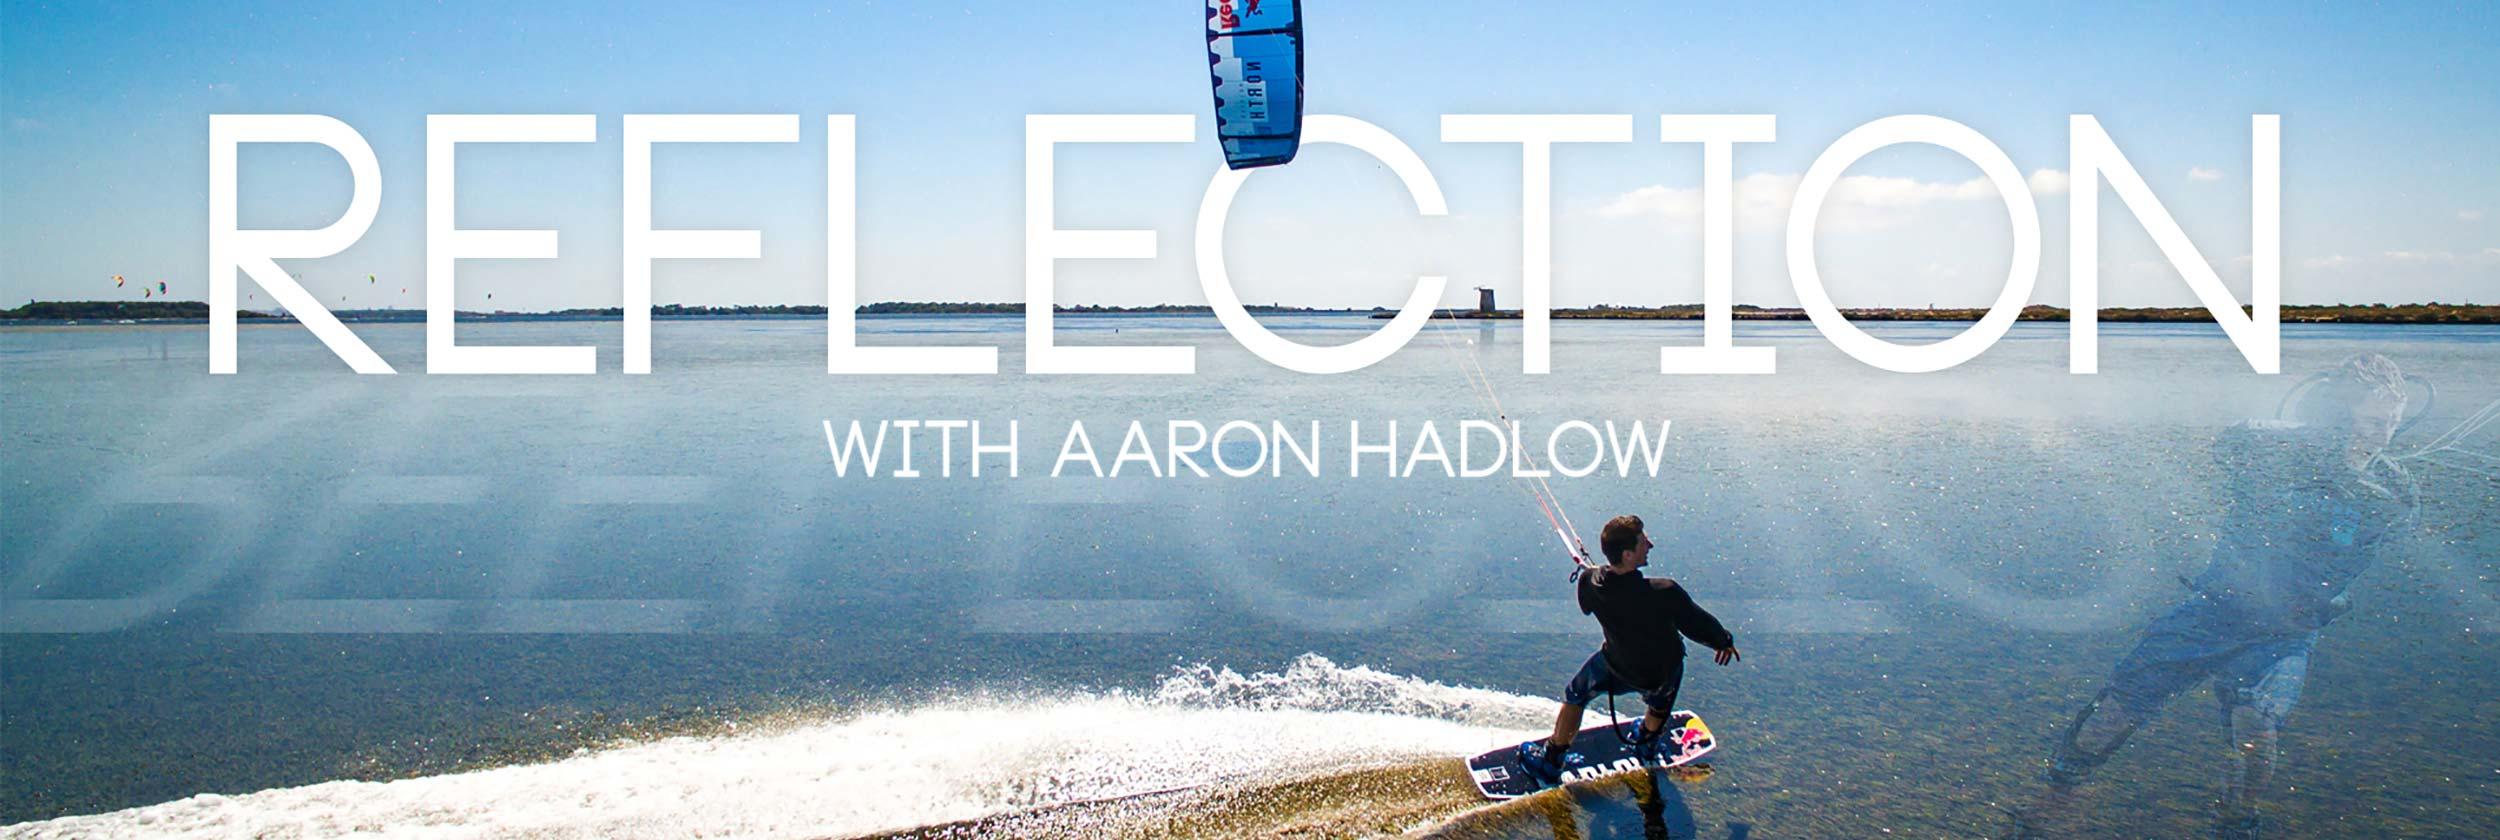 Reflection - Aaron Hadlow